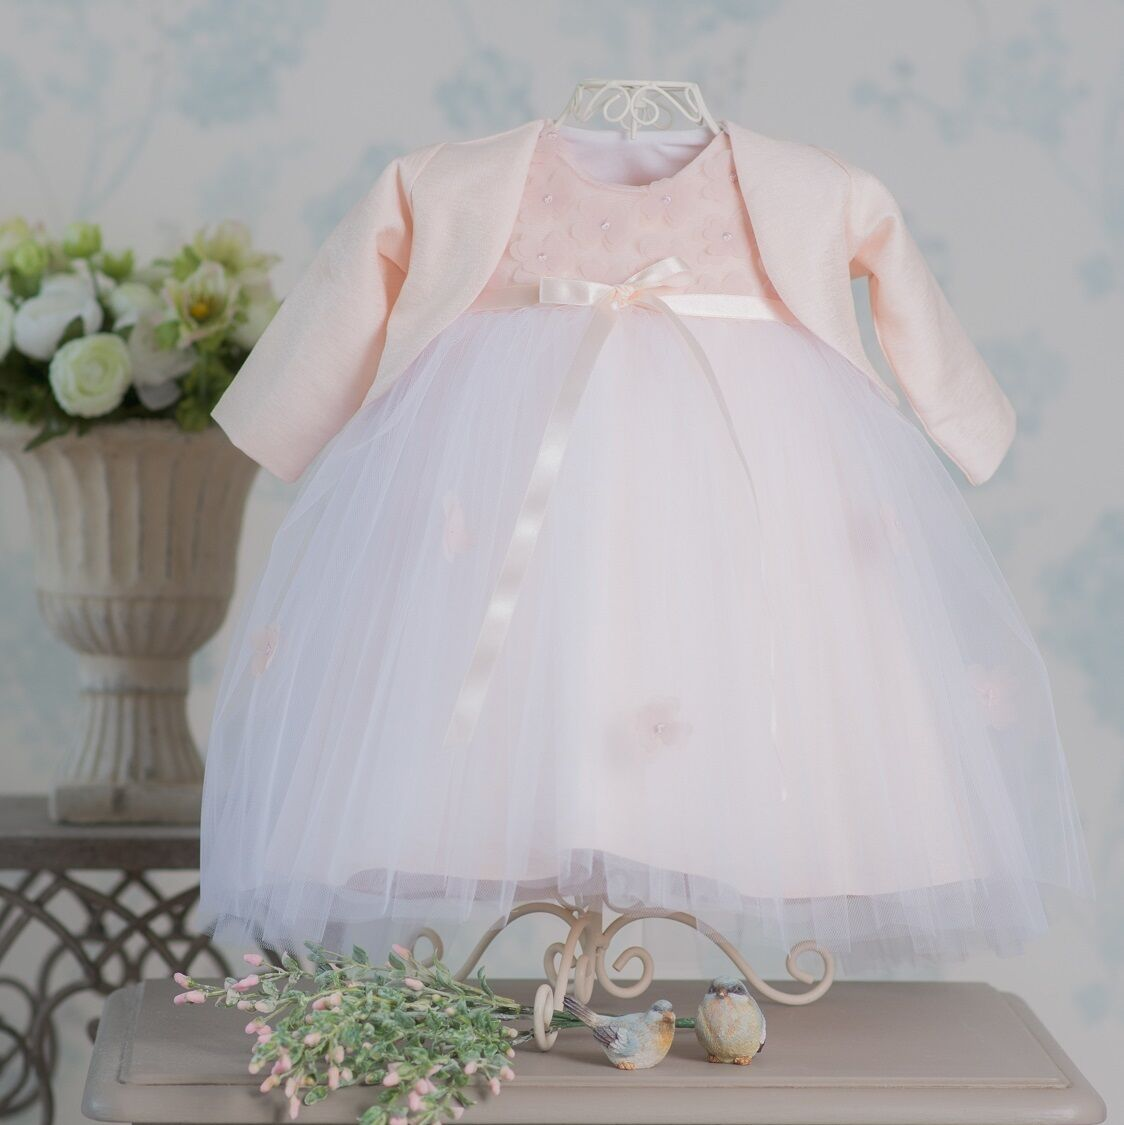 Traumhaft schön ♥♥♥NEU♥♥♥ Bolero für besondere Anlässe Taufkleid Festkleid